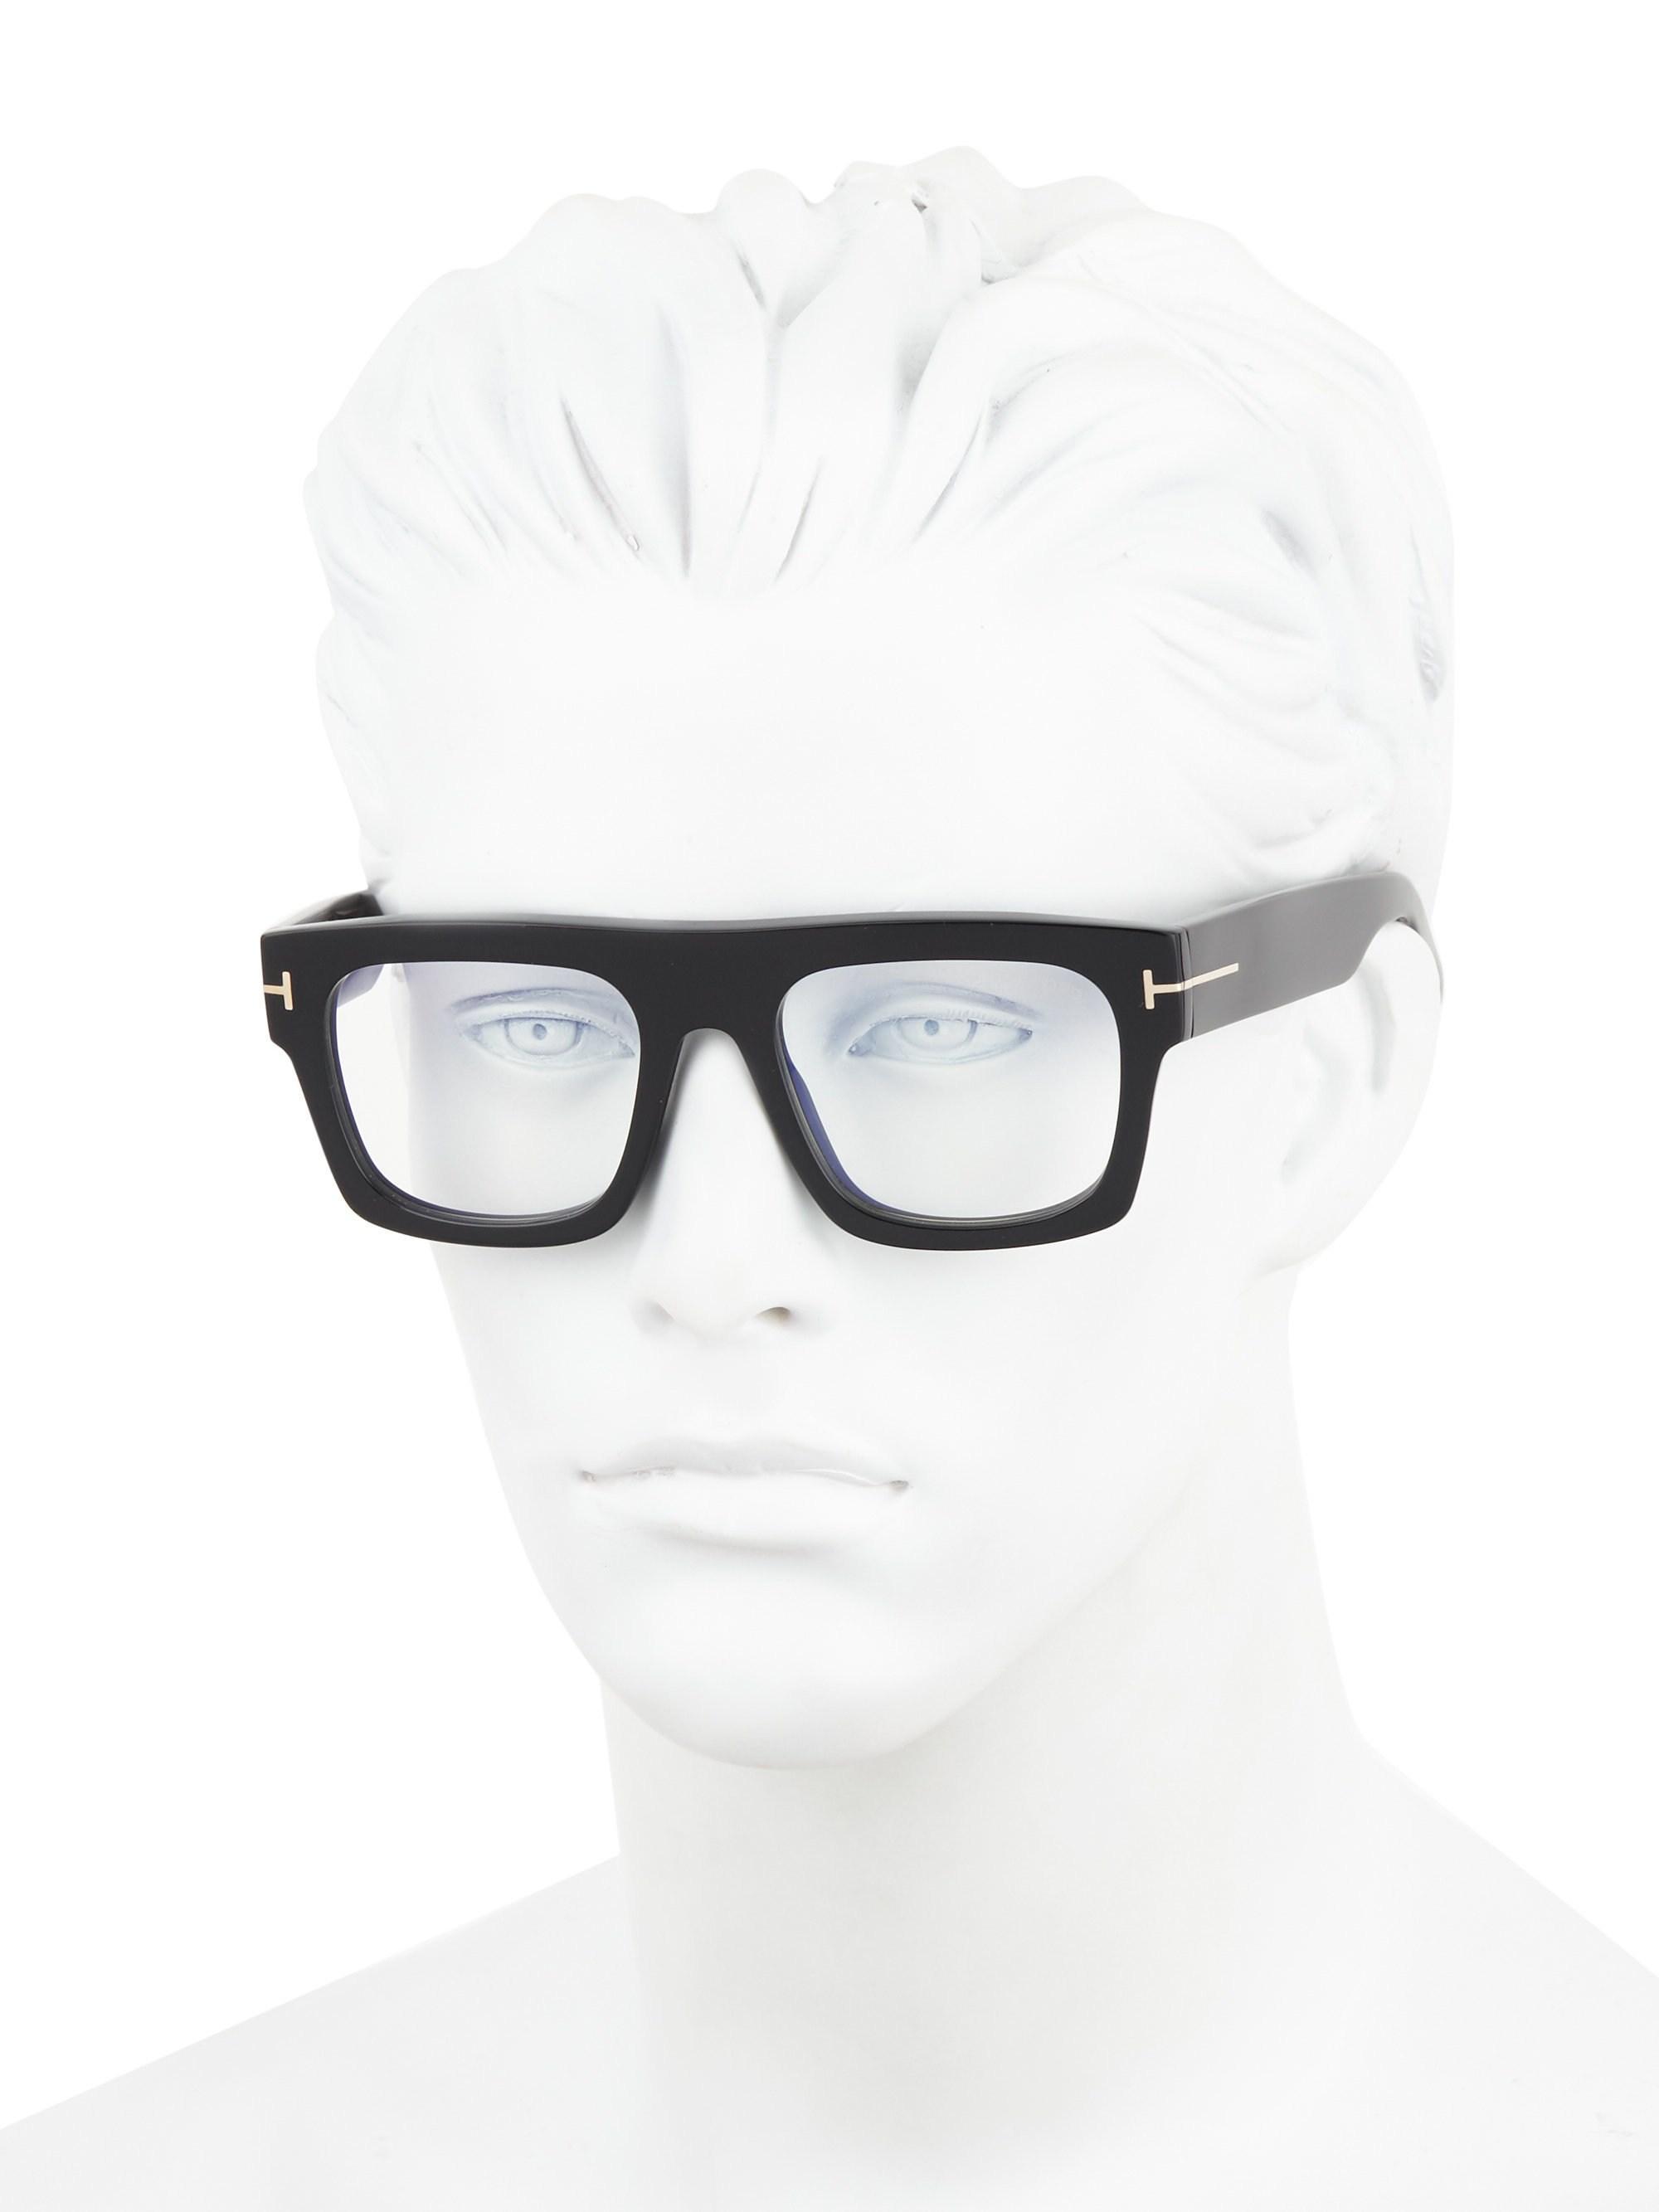 fe28bcfe71 Lyst - Tom Ford 53mm Blue Block Optical Glasses in Black for Men